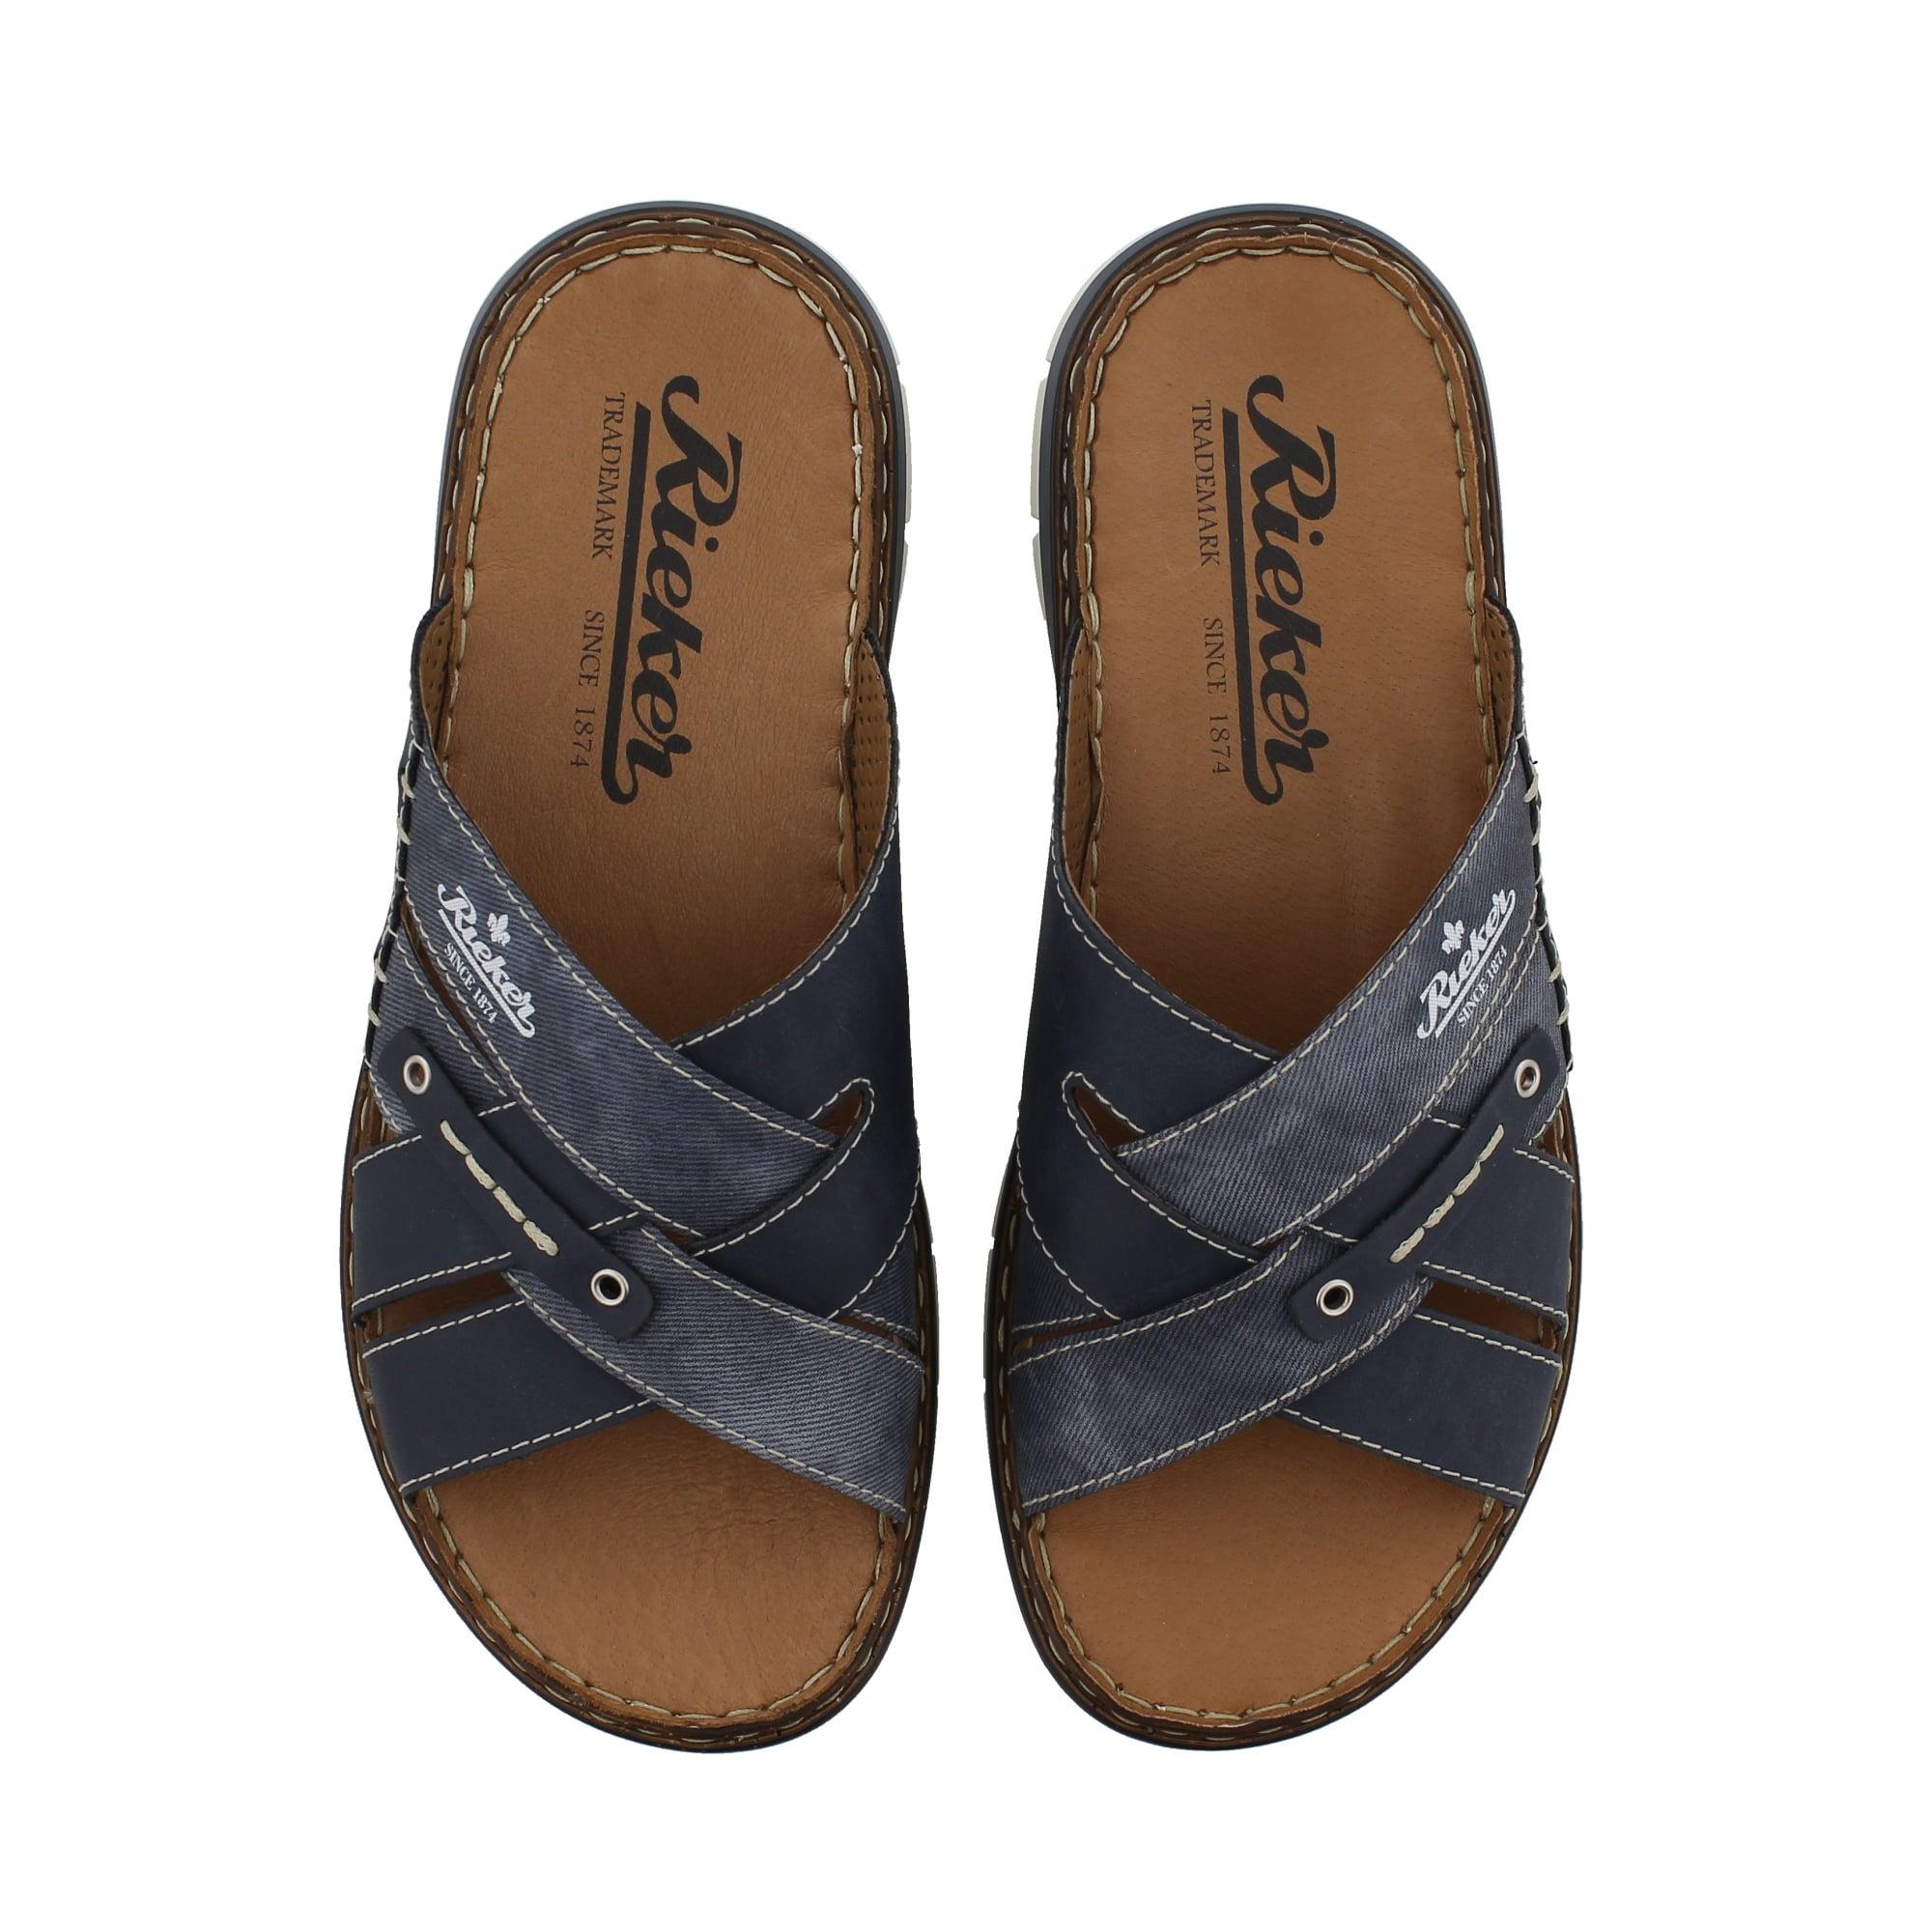 Rieker 25199-14 Navy Mens Mule Sandals